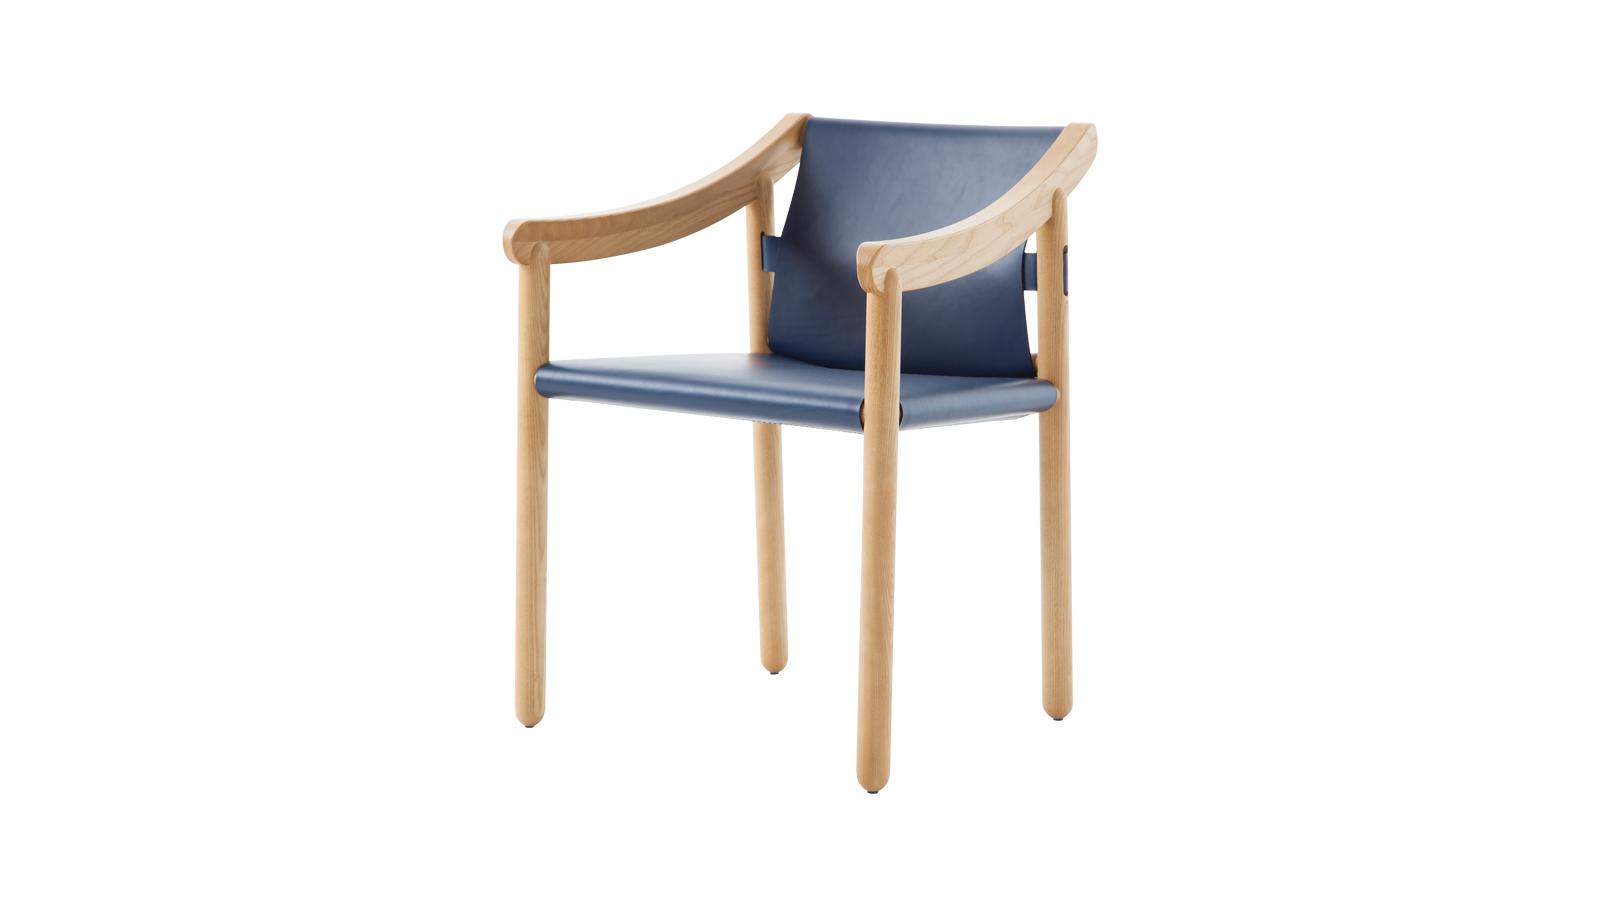 """""""A 905 a Cassina nagy dobása volt 2000-ben, ám a formabontó szék azóta modernebb designt kapott. A hengeres lábakkal és ívelt kartámaszokkal ellátott vázszerkezet a Cassina bőrkezelésében szerzett tapasztalatának köszönhetően fiatalodott meg, nem is beszélve a készítők kiváló minőségű ácsmunkájáról. A termék komplexitását a szimplának tűnő kialakítás mögé rejtették, mely teljes mértékben tükrözi a koncepció zsenialitását. """""""